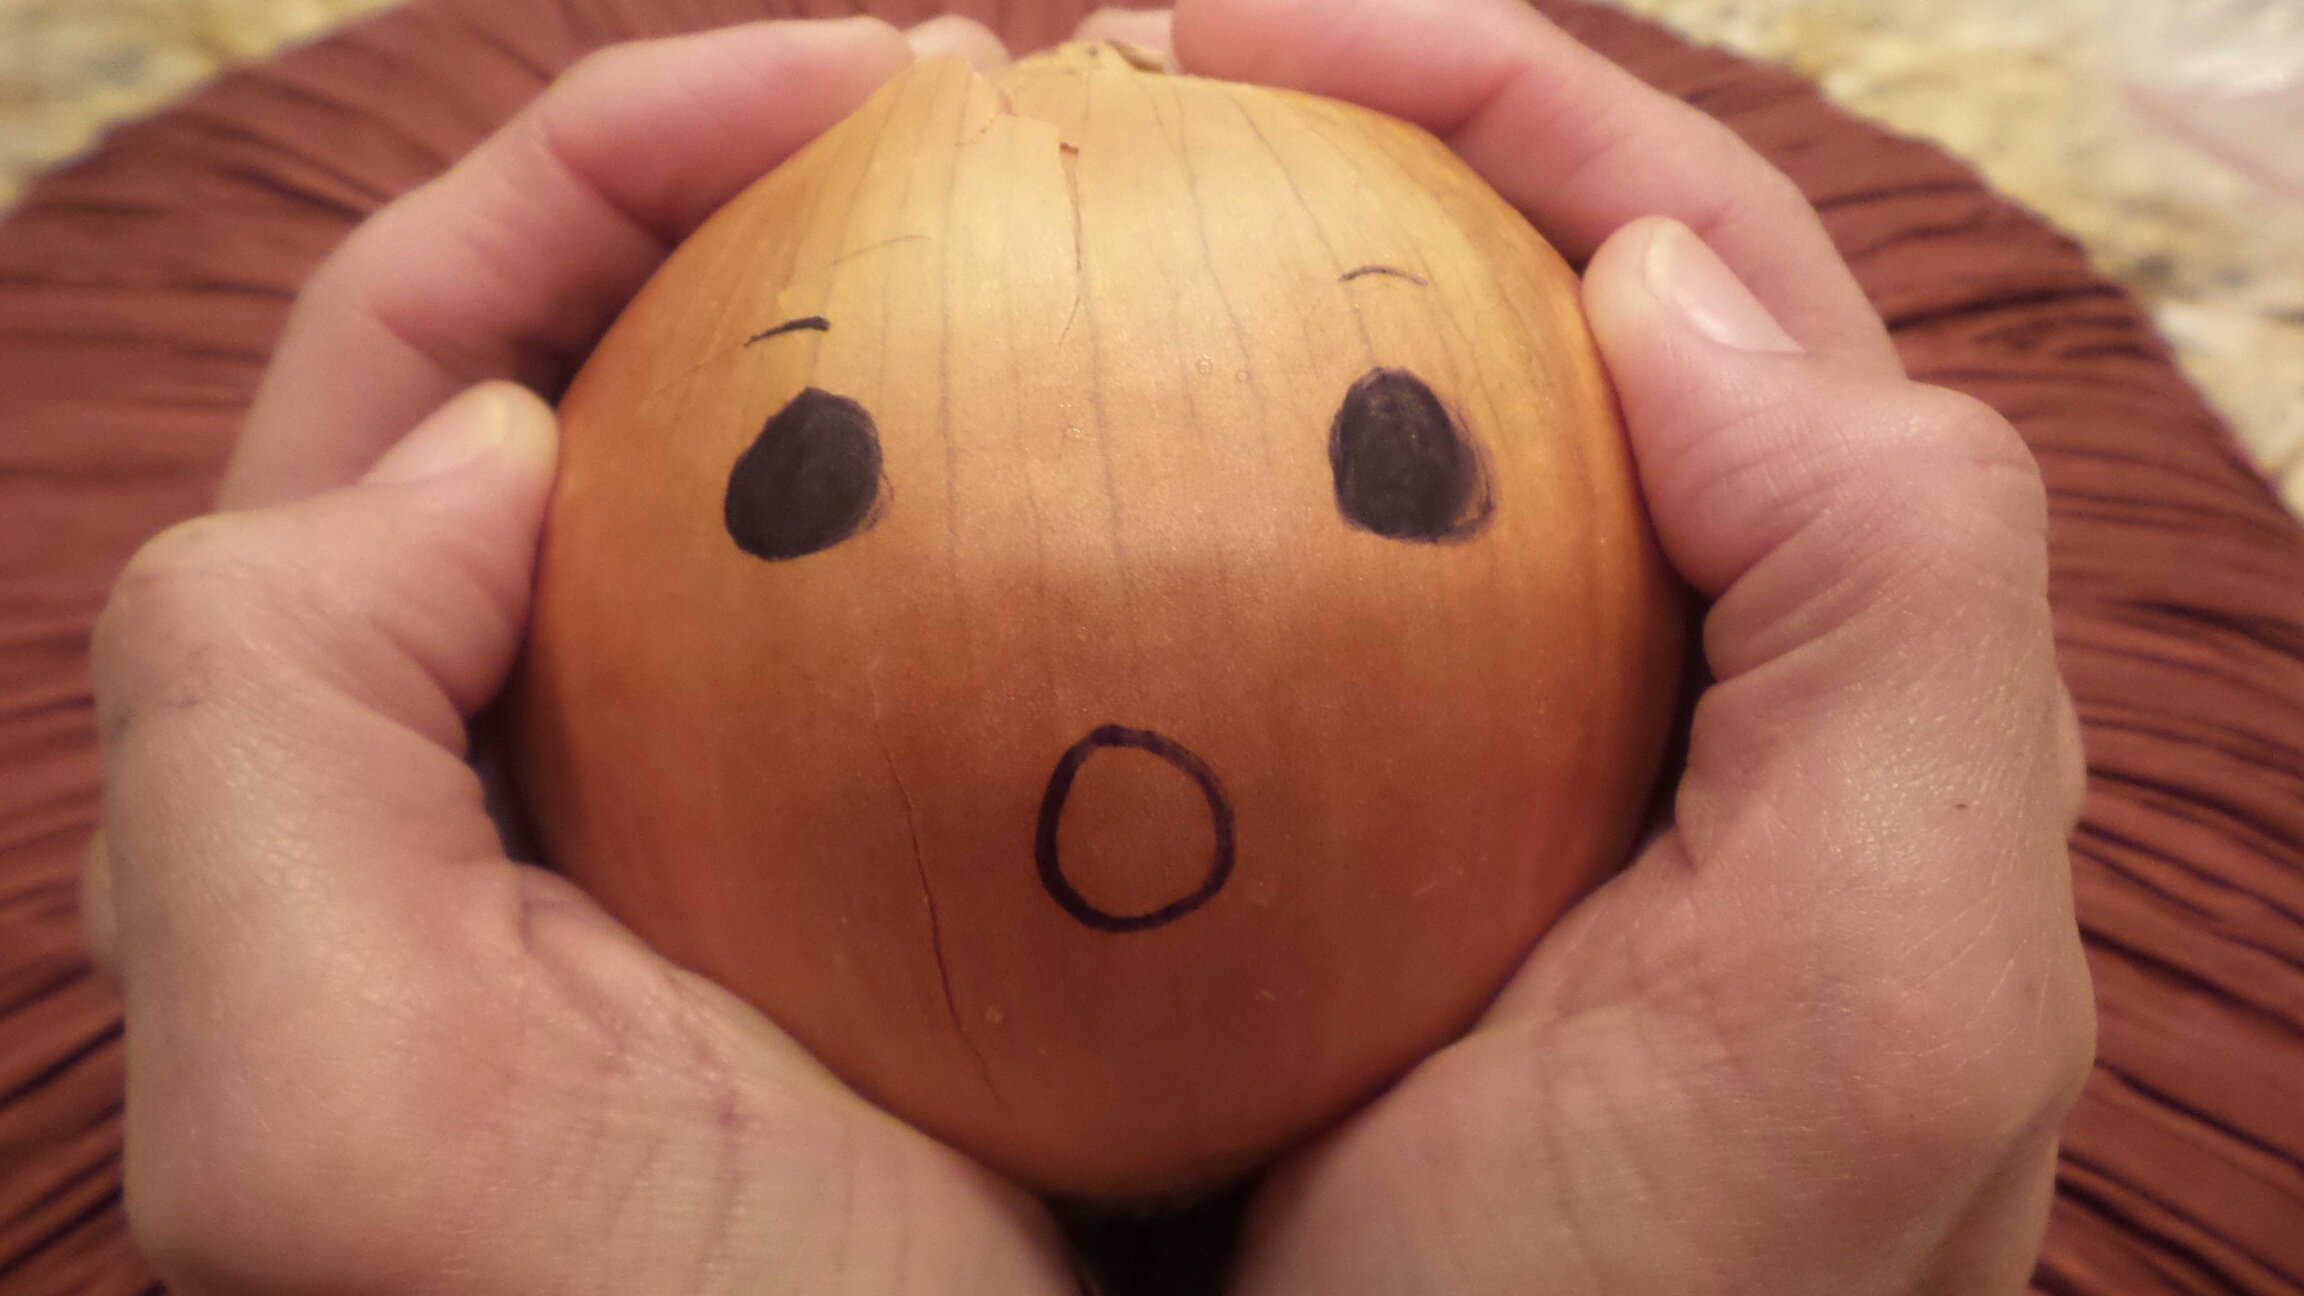 Onion in hands.jpg